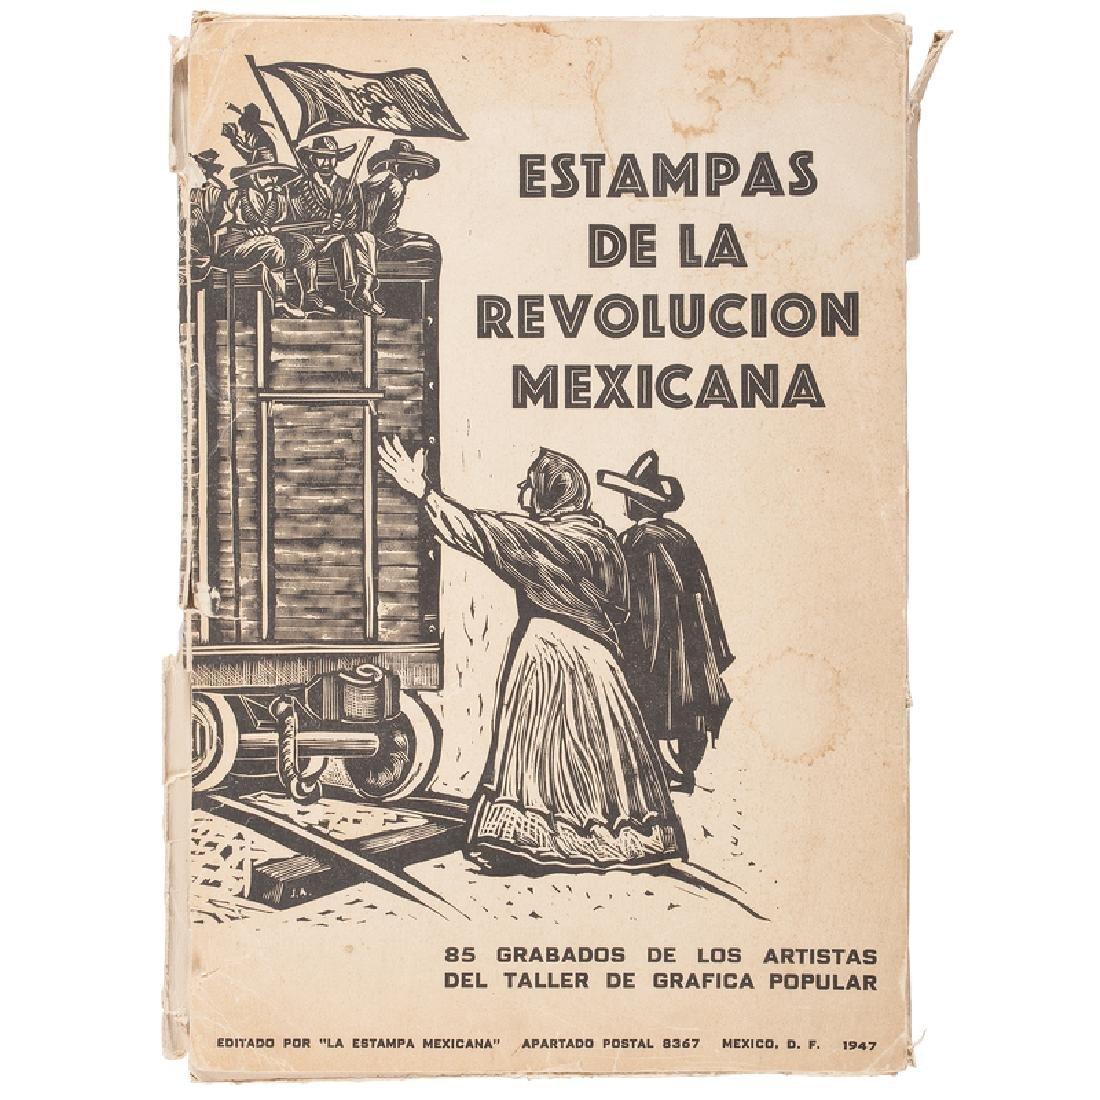 Estampas de la Revolucion Mexicana, Suite of Woodcuts